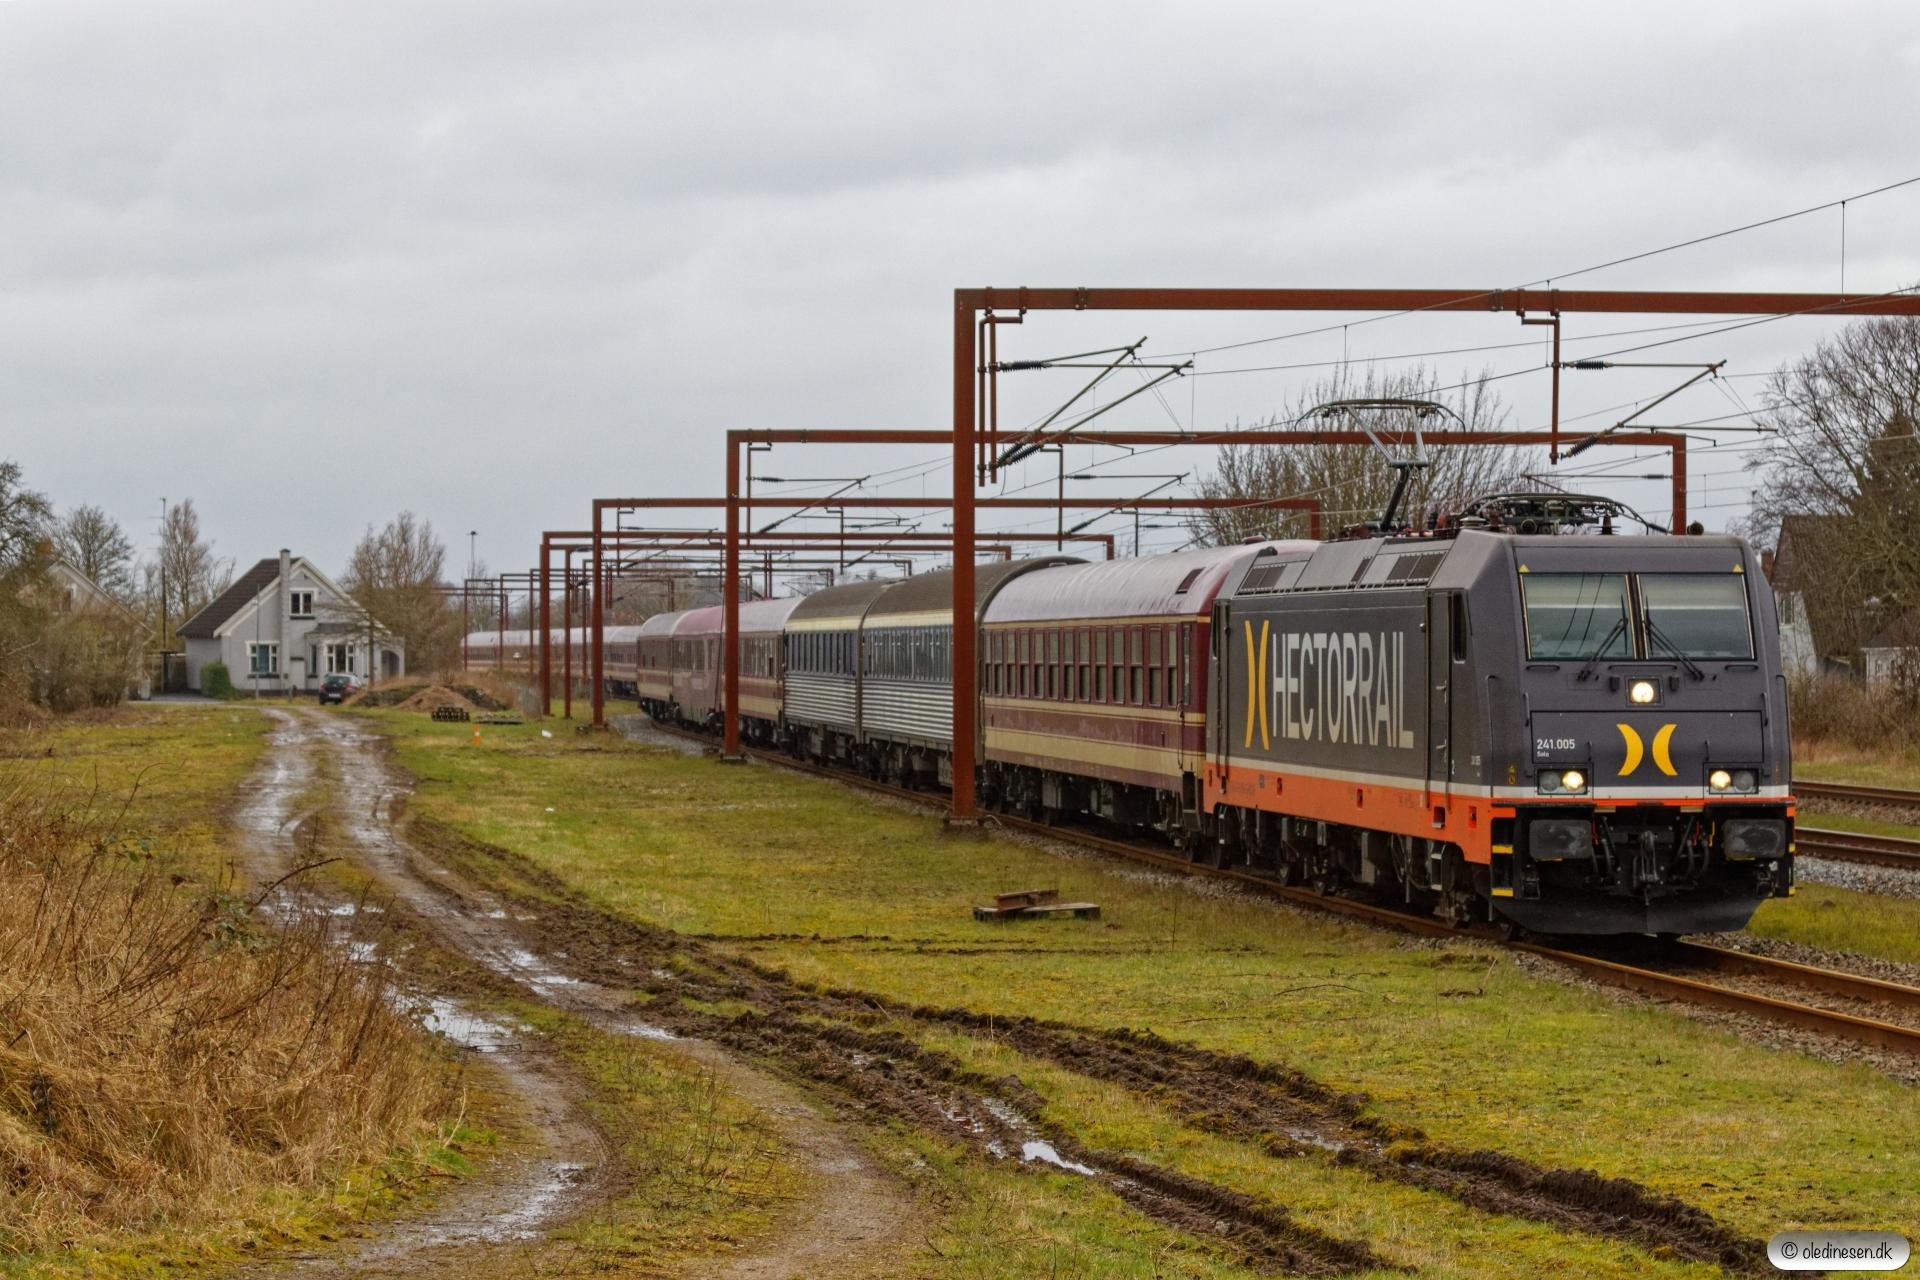 HCTOR 241.005+16 personvogne som HV 41332 Pa-Stp. Kauslunde 01.03.2020.